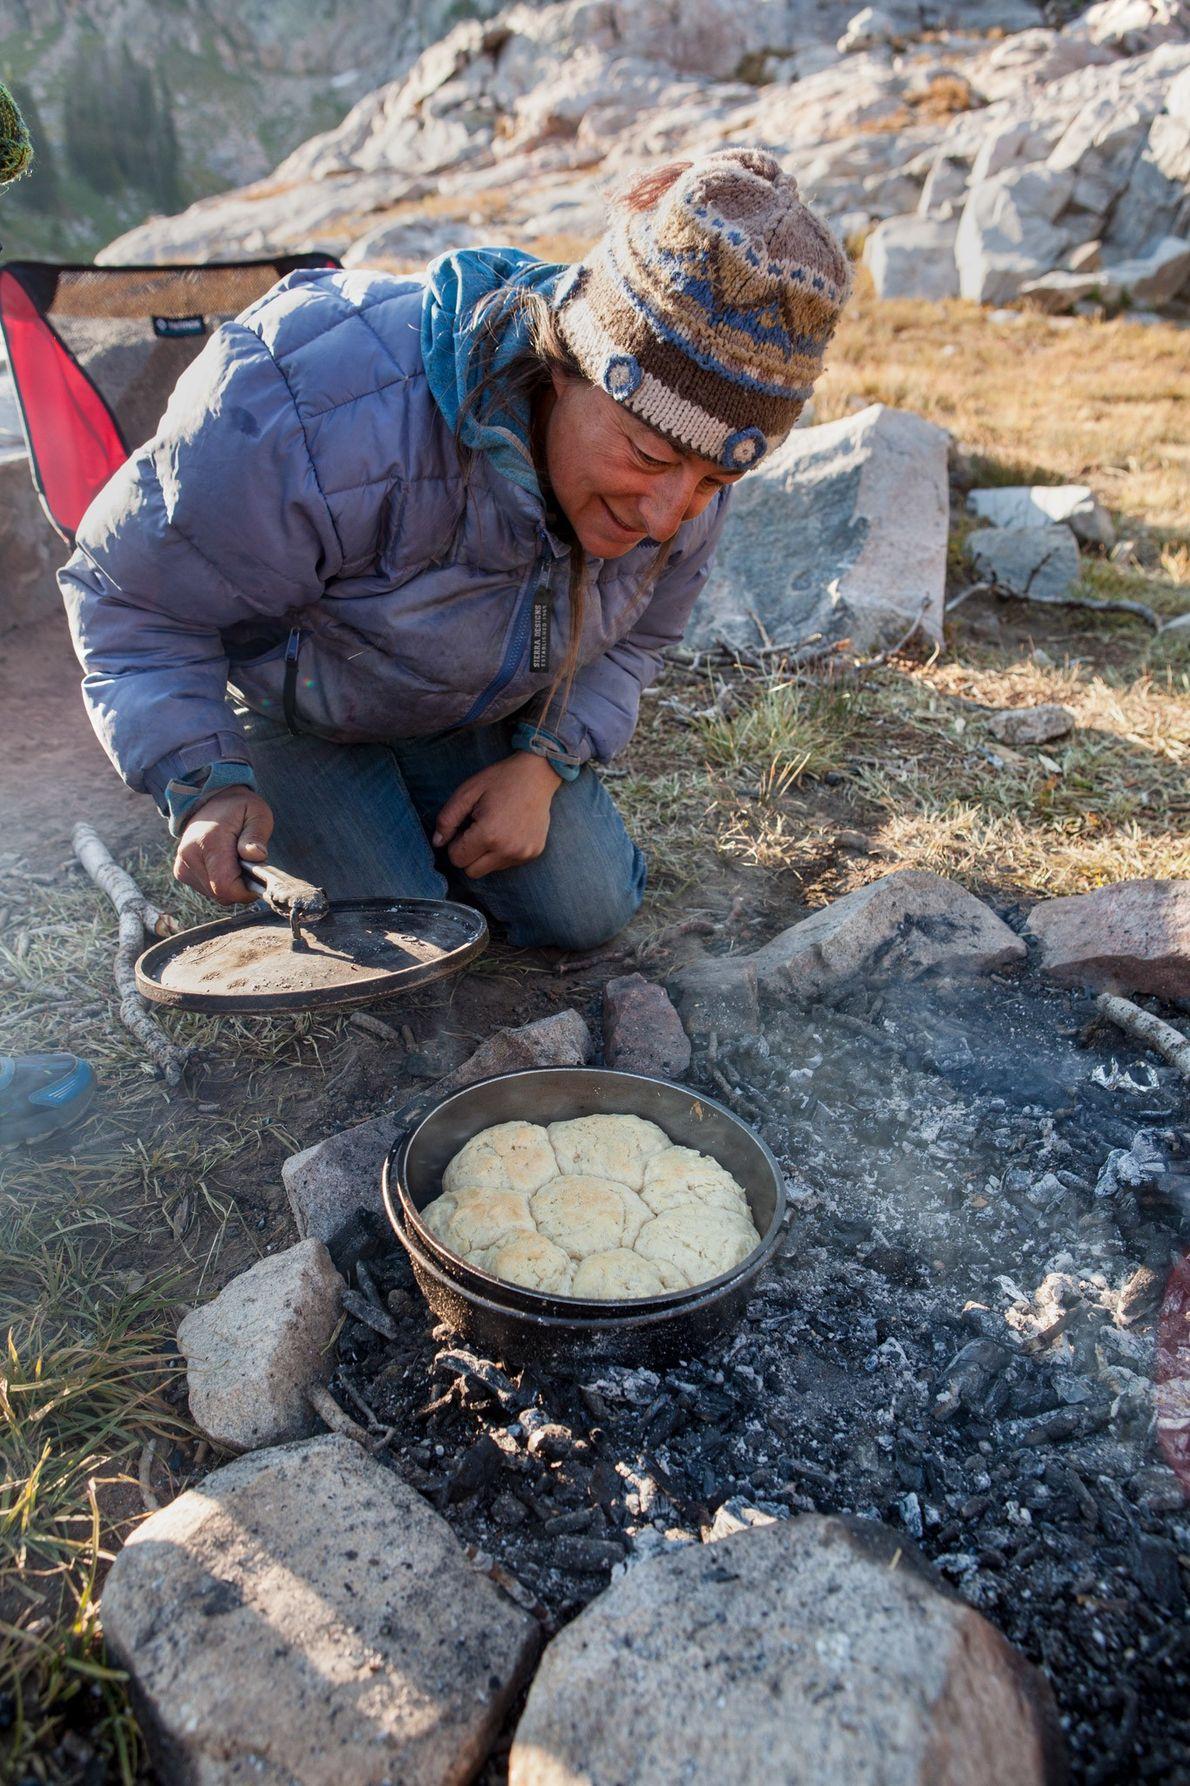 Laina Shill, cuisinière du camp, vérifie la cuisson de ses biscuits faits maison dans la chaîne ...